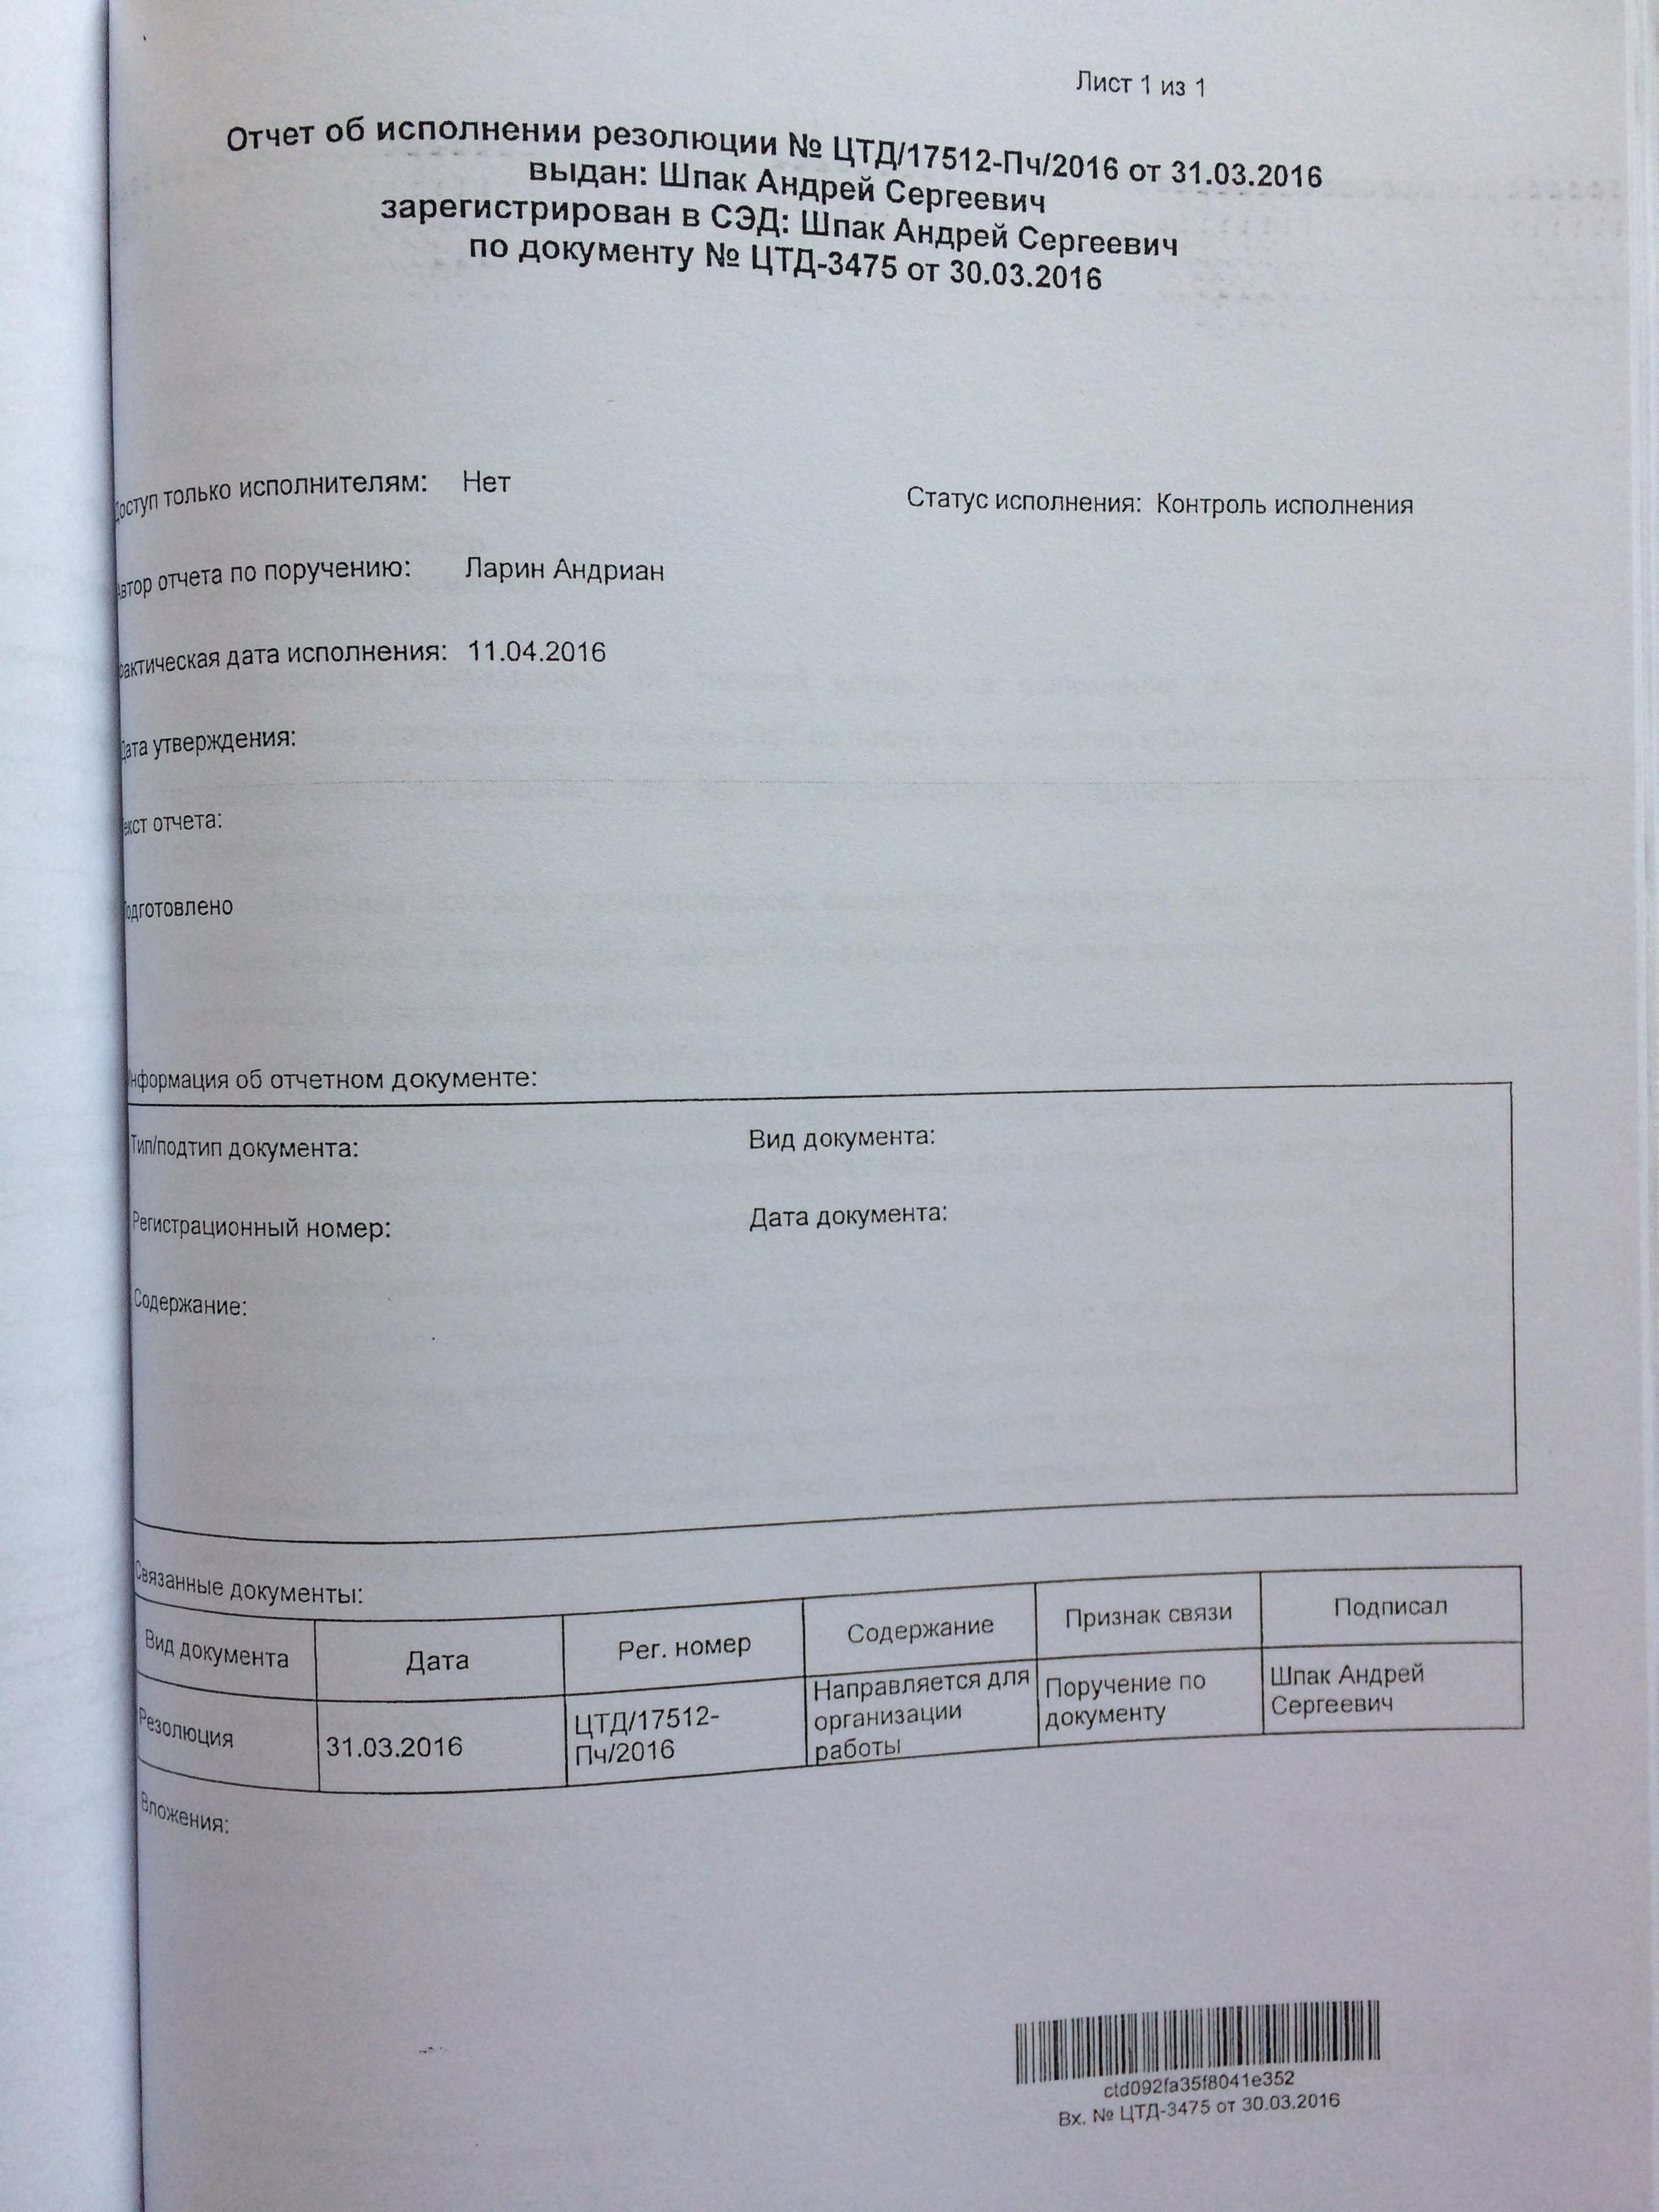 Фото документов проверки Луховицкой городской прокуратурой - 96 (5)